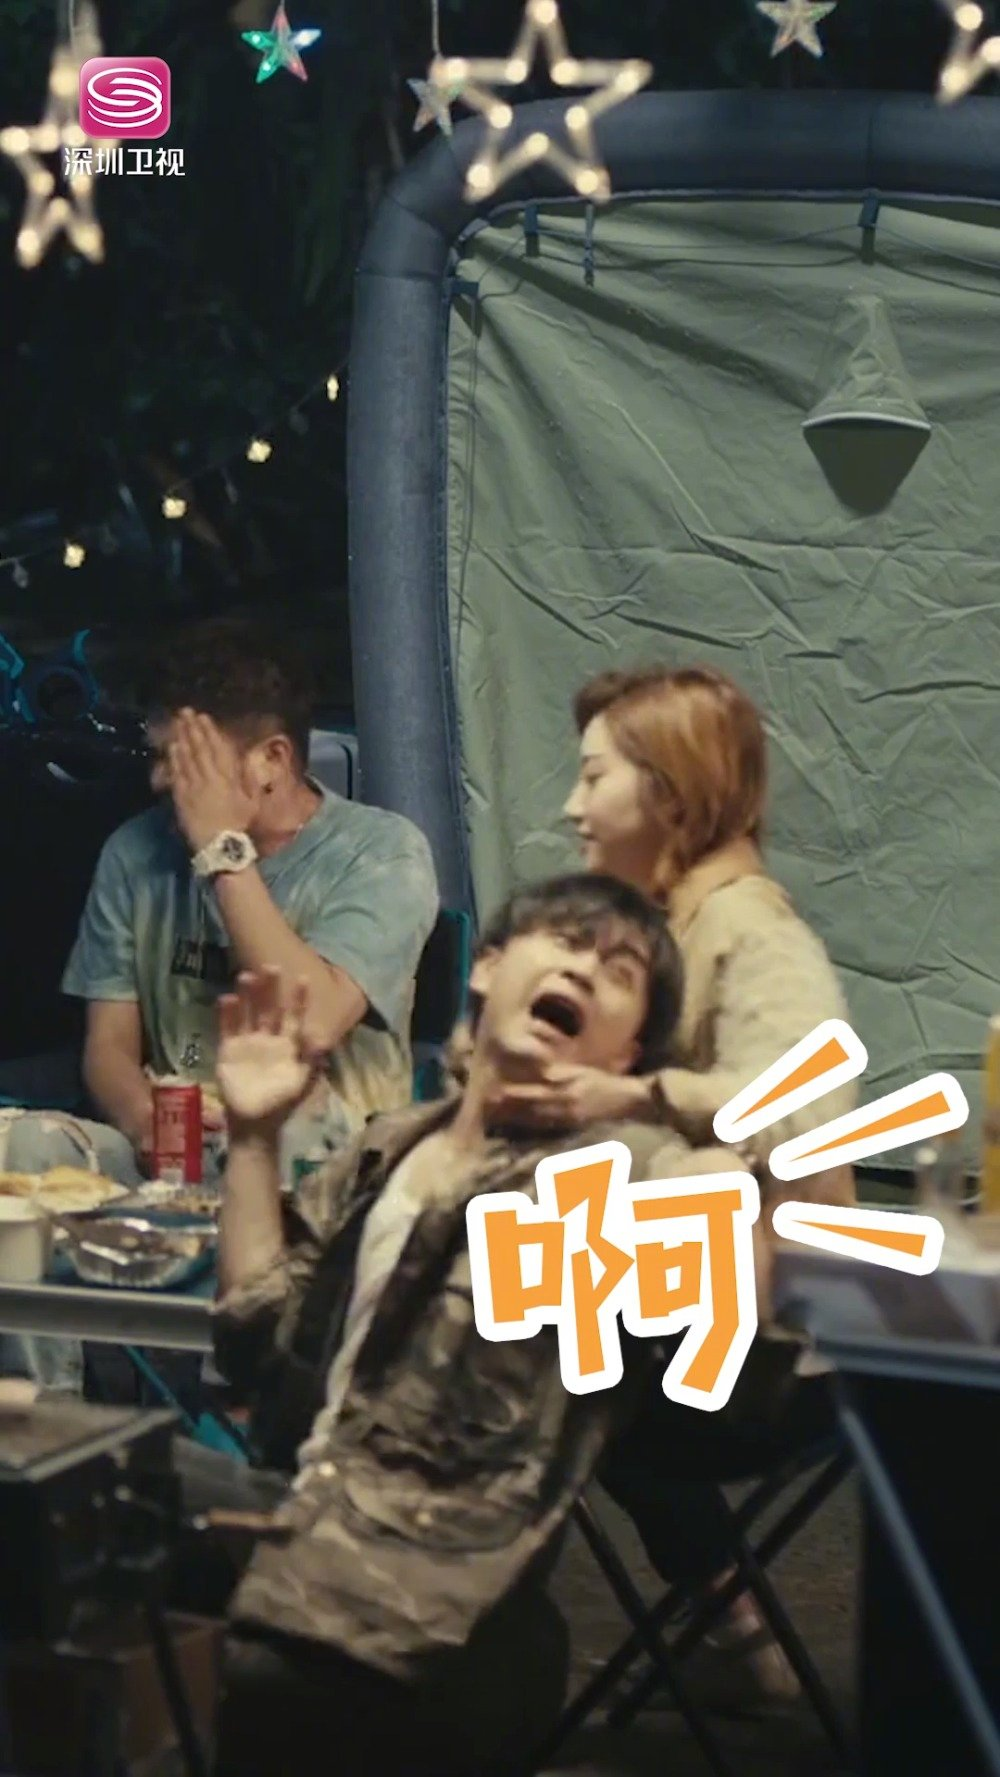 最委屈的男人金小天@陈晓 又是烤鱼又是讲情话 还是躲不过被扭脖的命